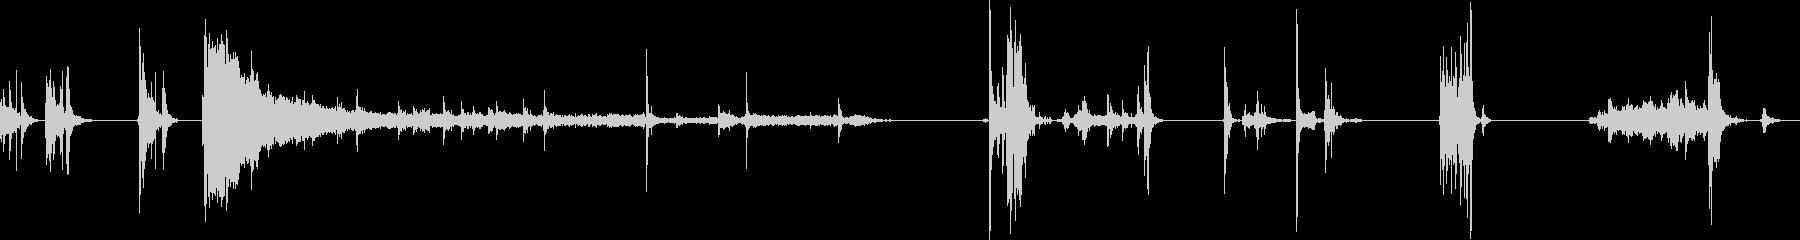 レジでの精算の流れの未再生の波形